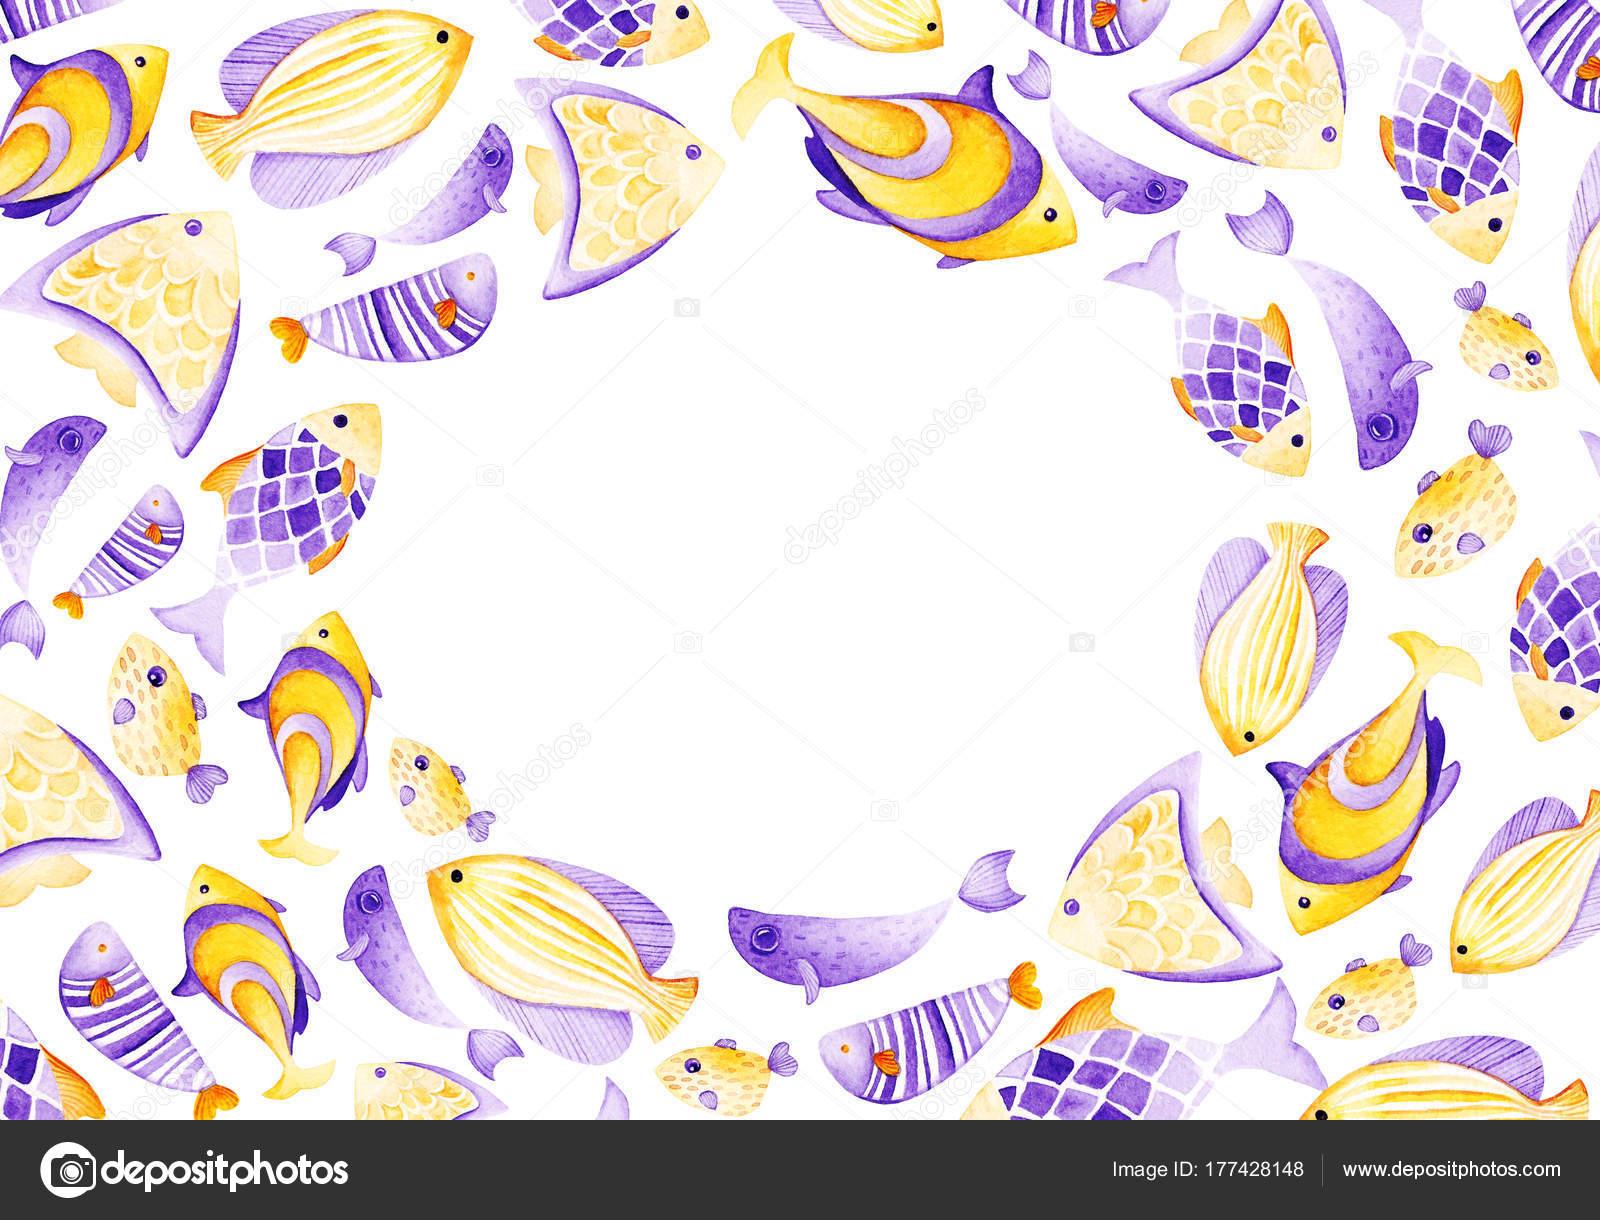 Ultra Violett Und Gold Farben. Für Kinder Design, Print Oder Hintergrund U2014  Foto Von MasAnyanka